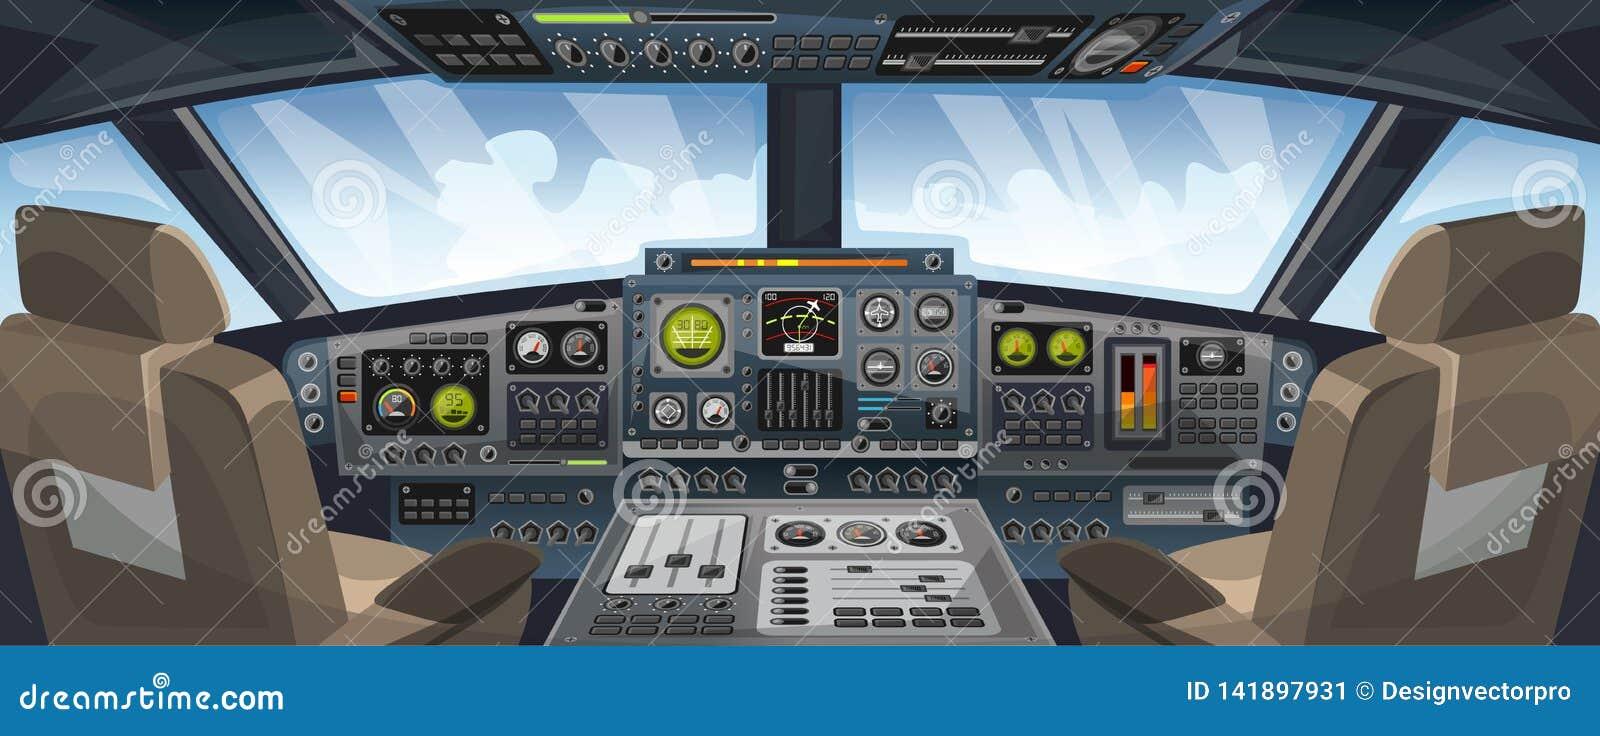 飞机与控制板按钮和天空背景的驾驶舱视图在窗口视图 飞机与仪表板控制的飞行员客舱